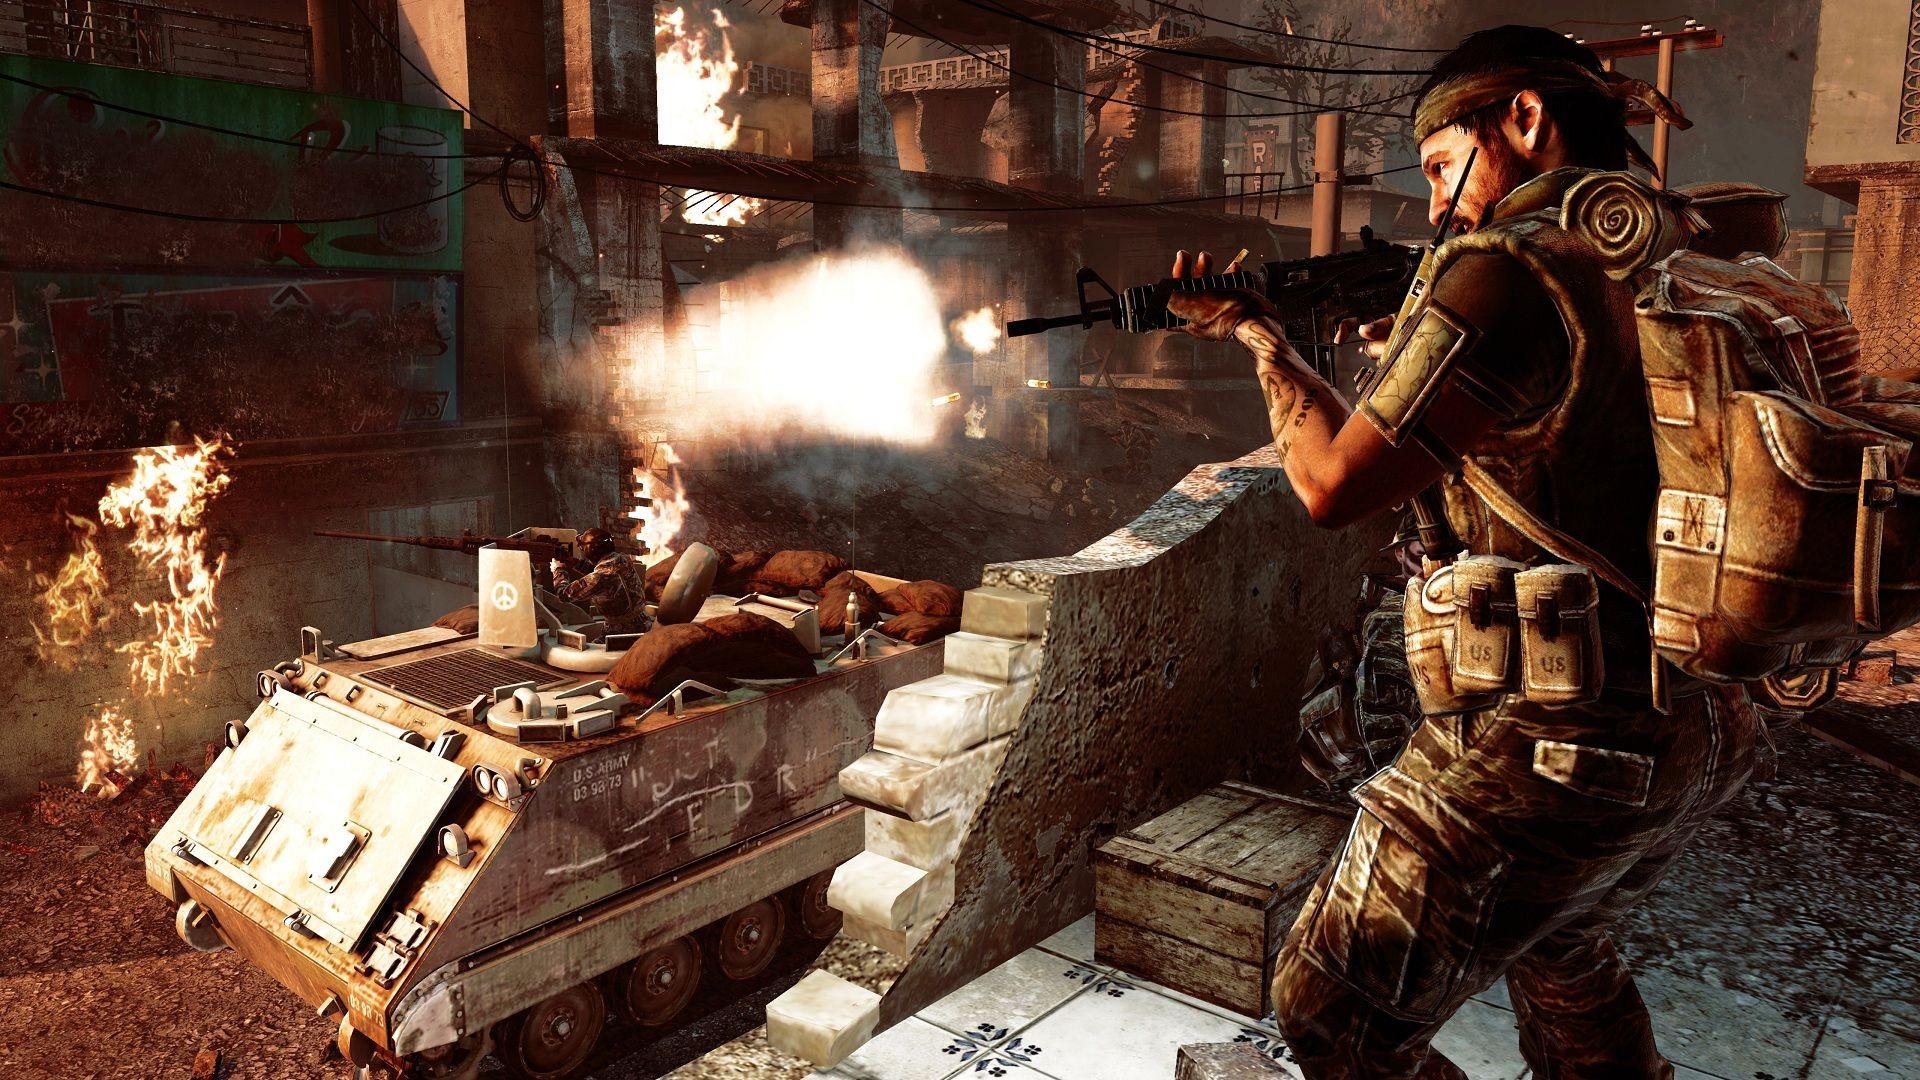 скачать игру Call Of Duty Black Ops 1 через торрент на русском языке - фото 9